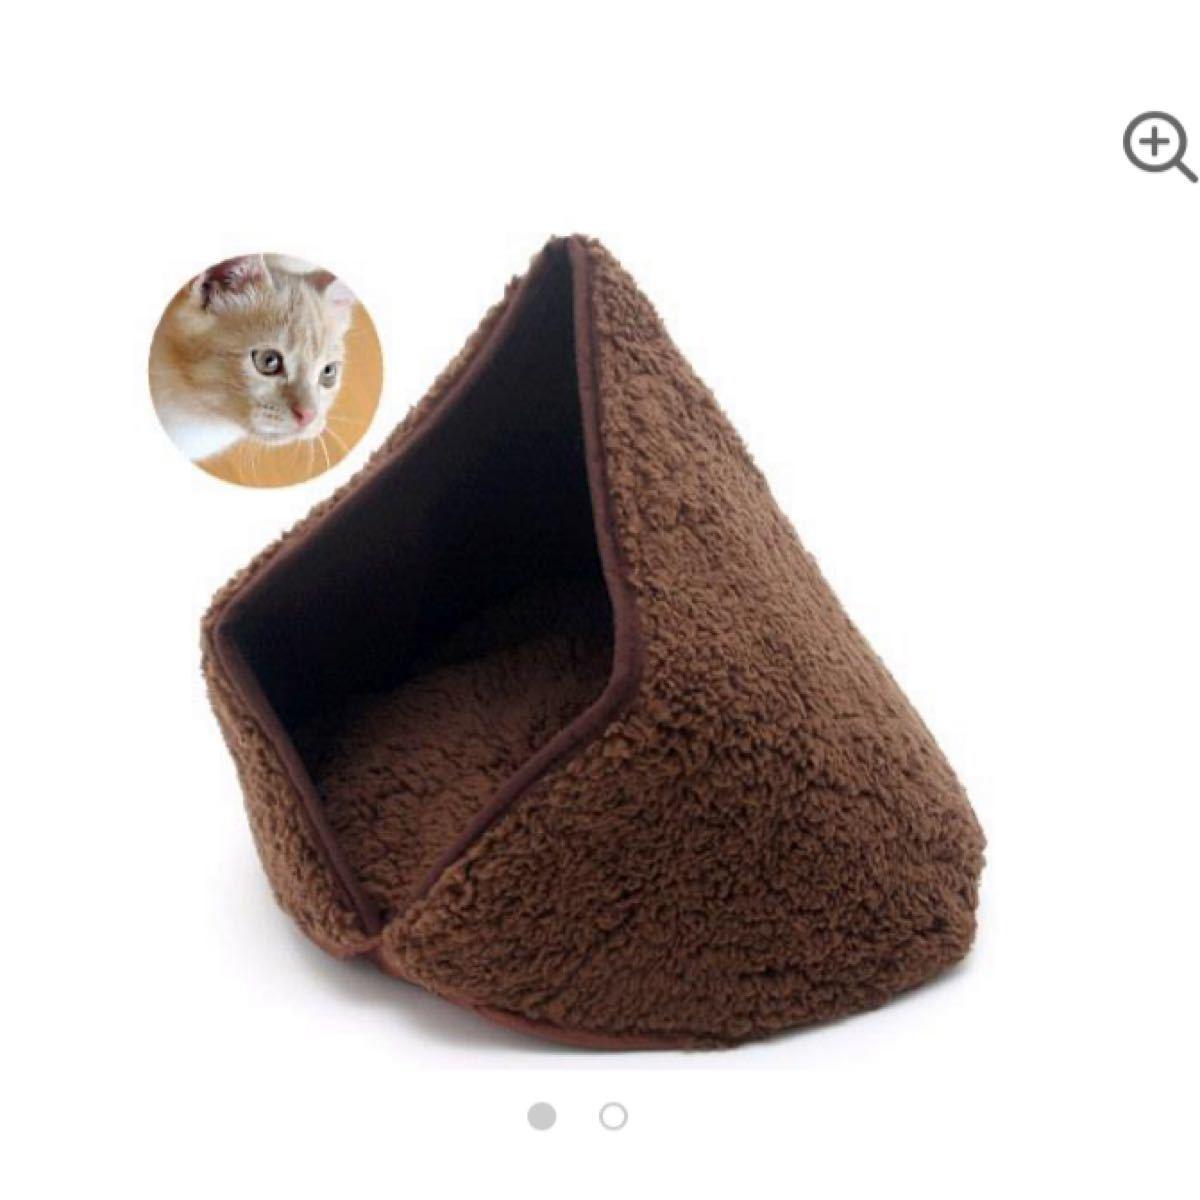 【購入価格4716円】新品未使用 ペット 猫 温感テント 遠赤綿入り ふわふわモコモコ ボア ベッド 合計2個セット